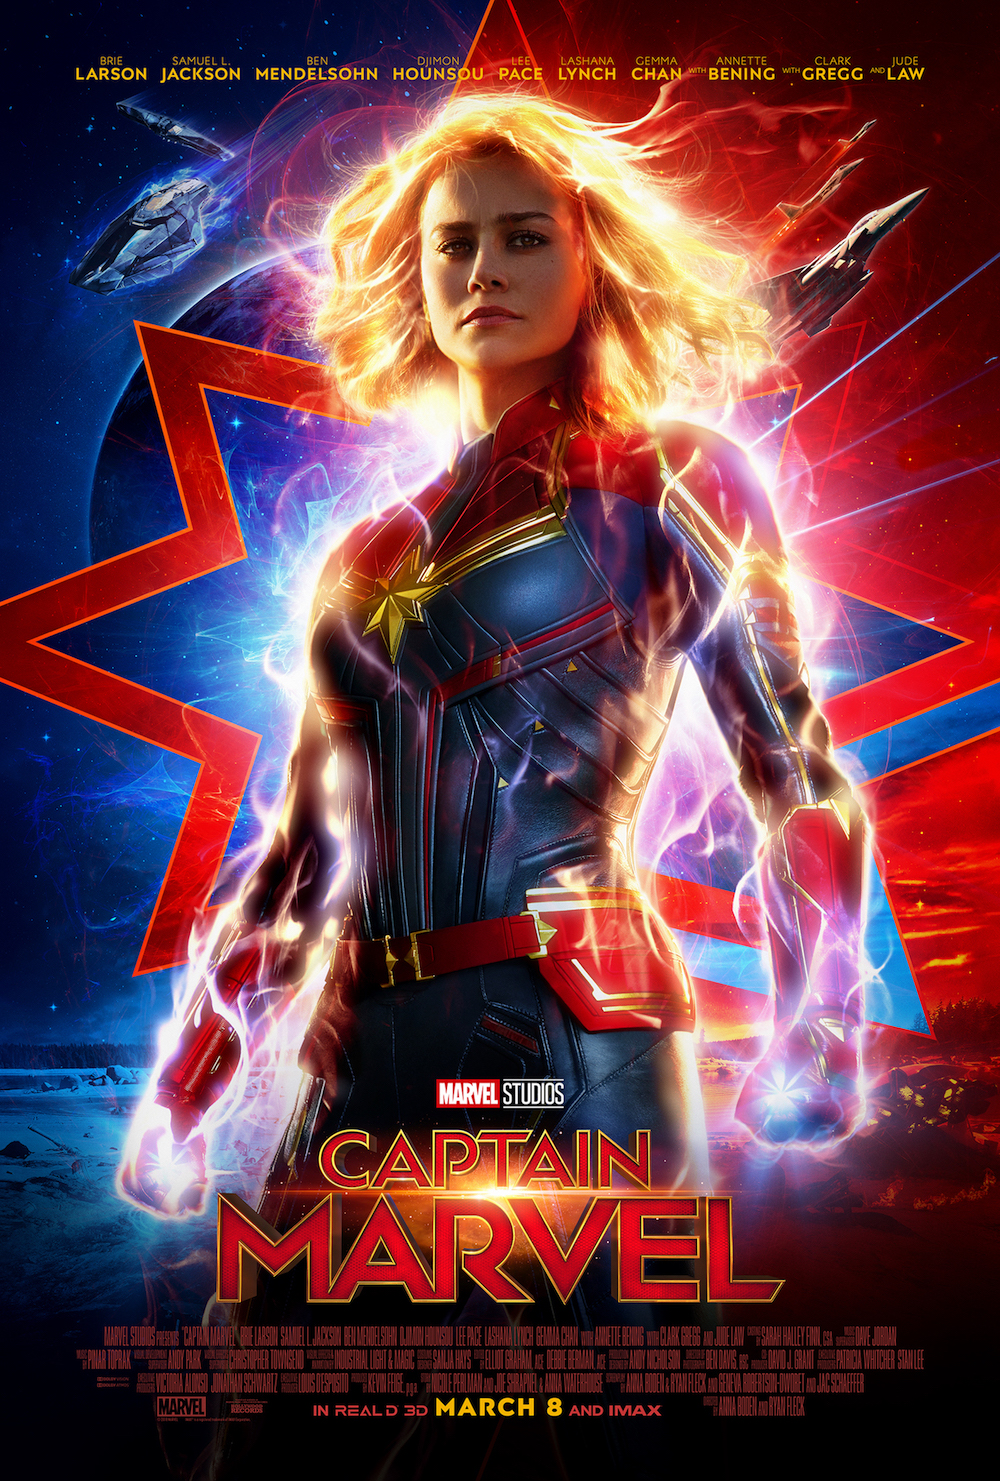 Brie-Larson-Captain-Marvel-Poster.jpg